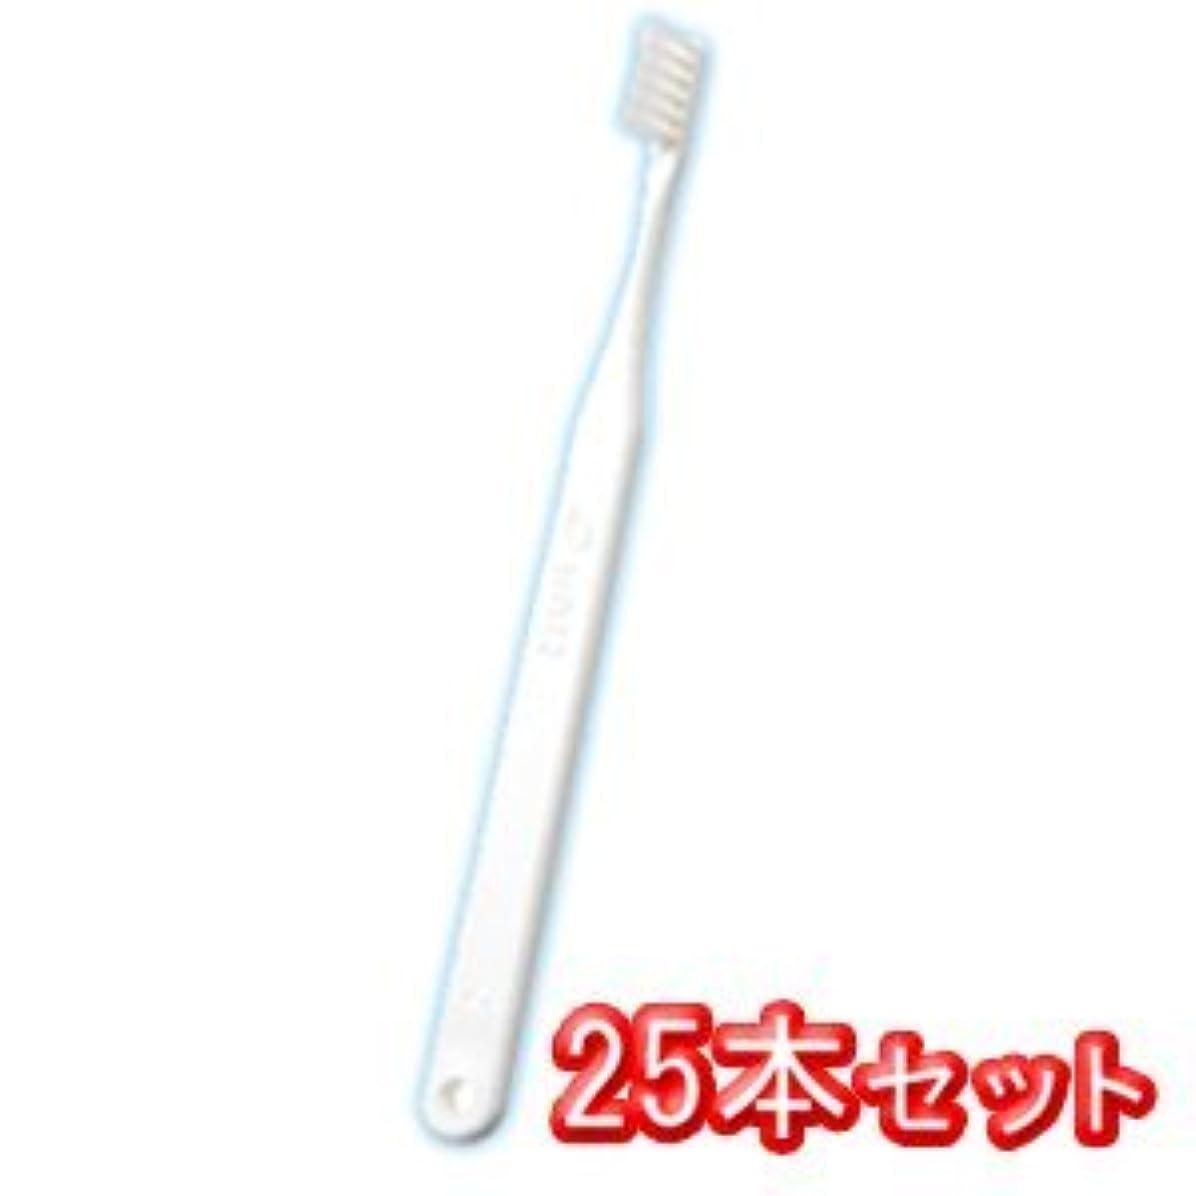 美容師共産主義残るタフト12 歯ブラシ 25本入 ミディアム M ホワイト